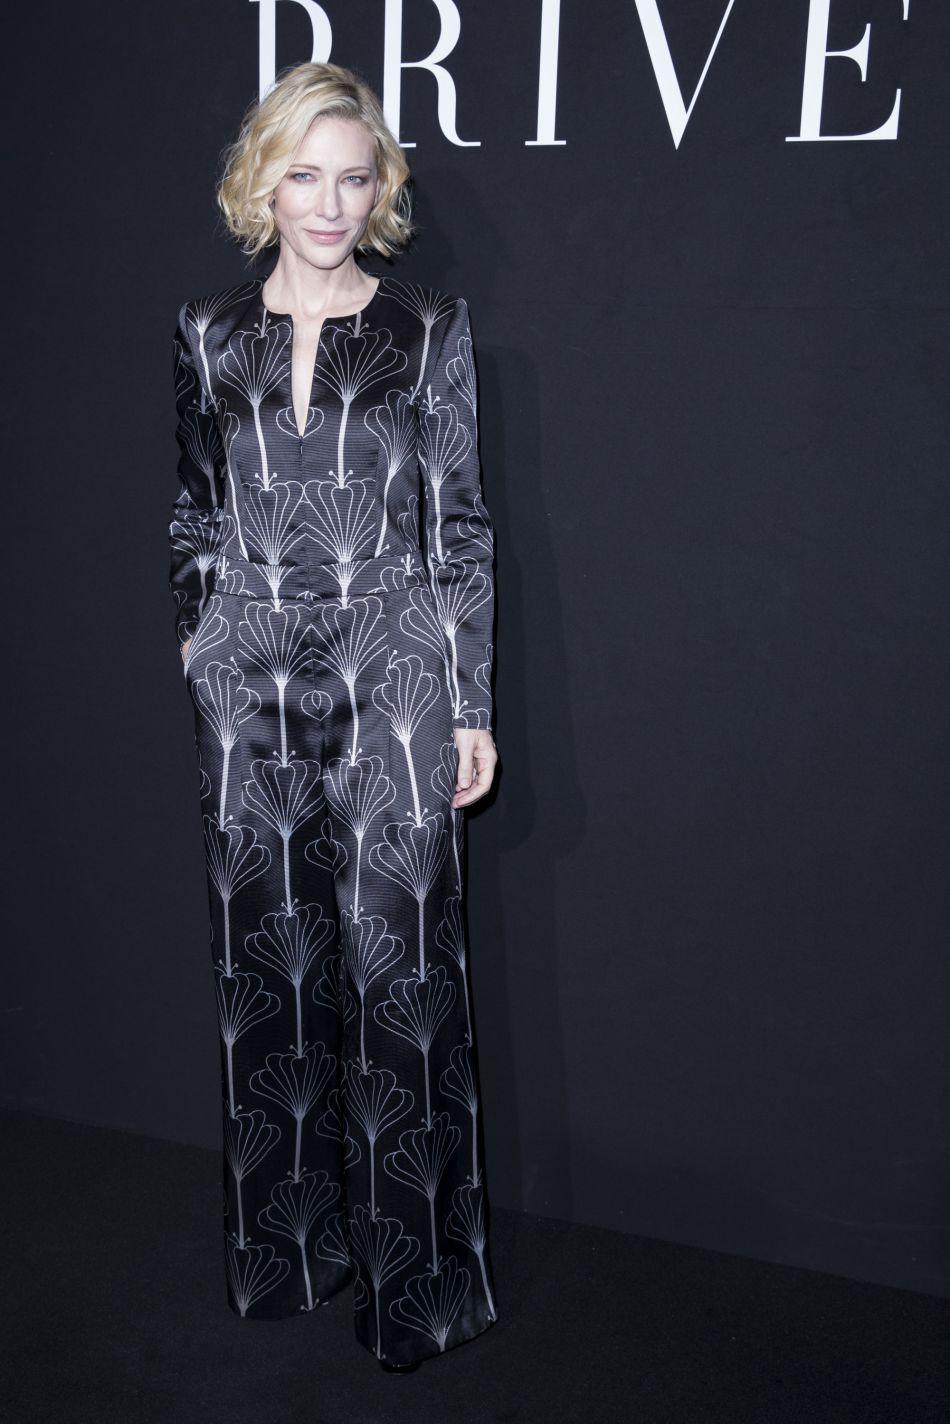 Cate Blanchett porte un modèle satiné très chic.